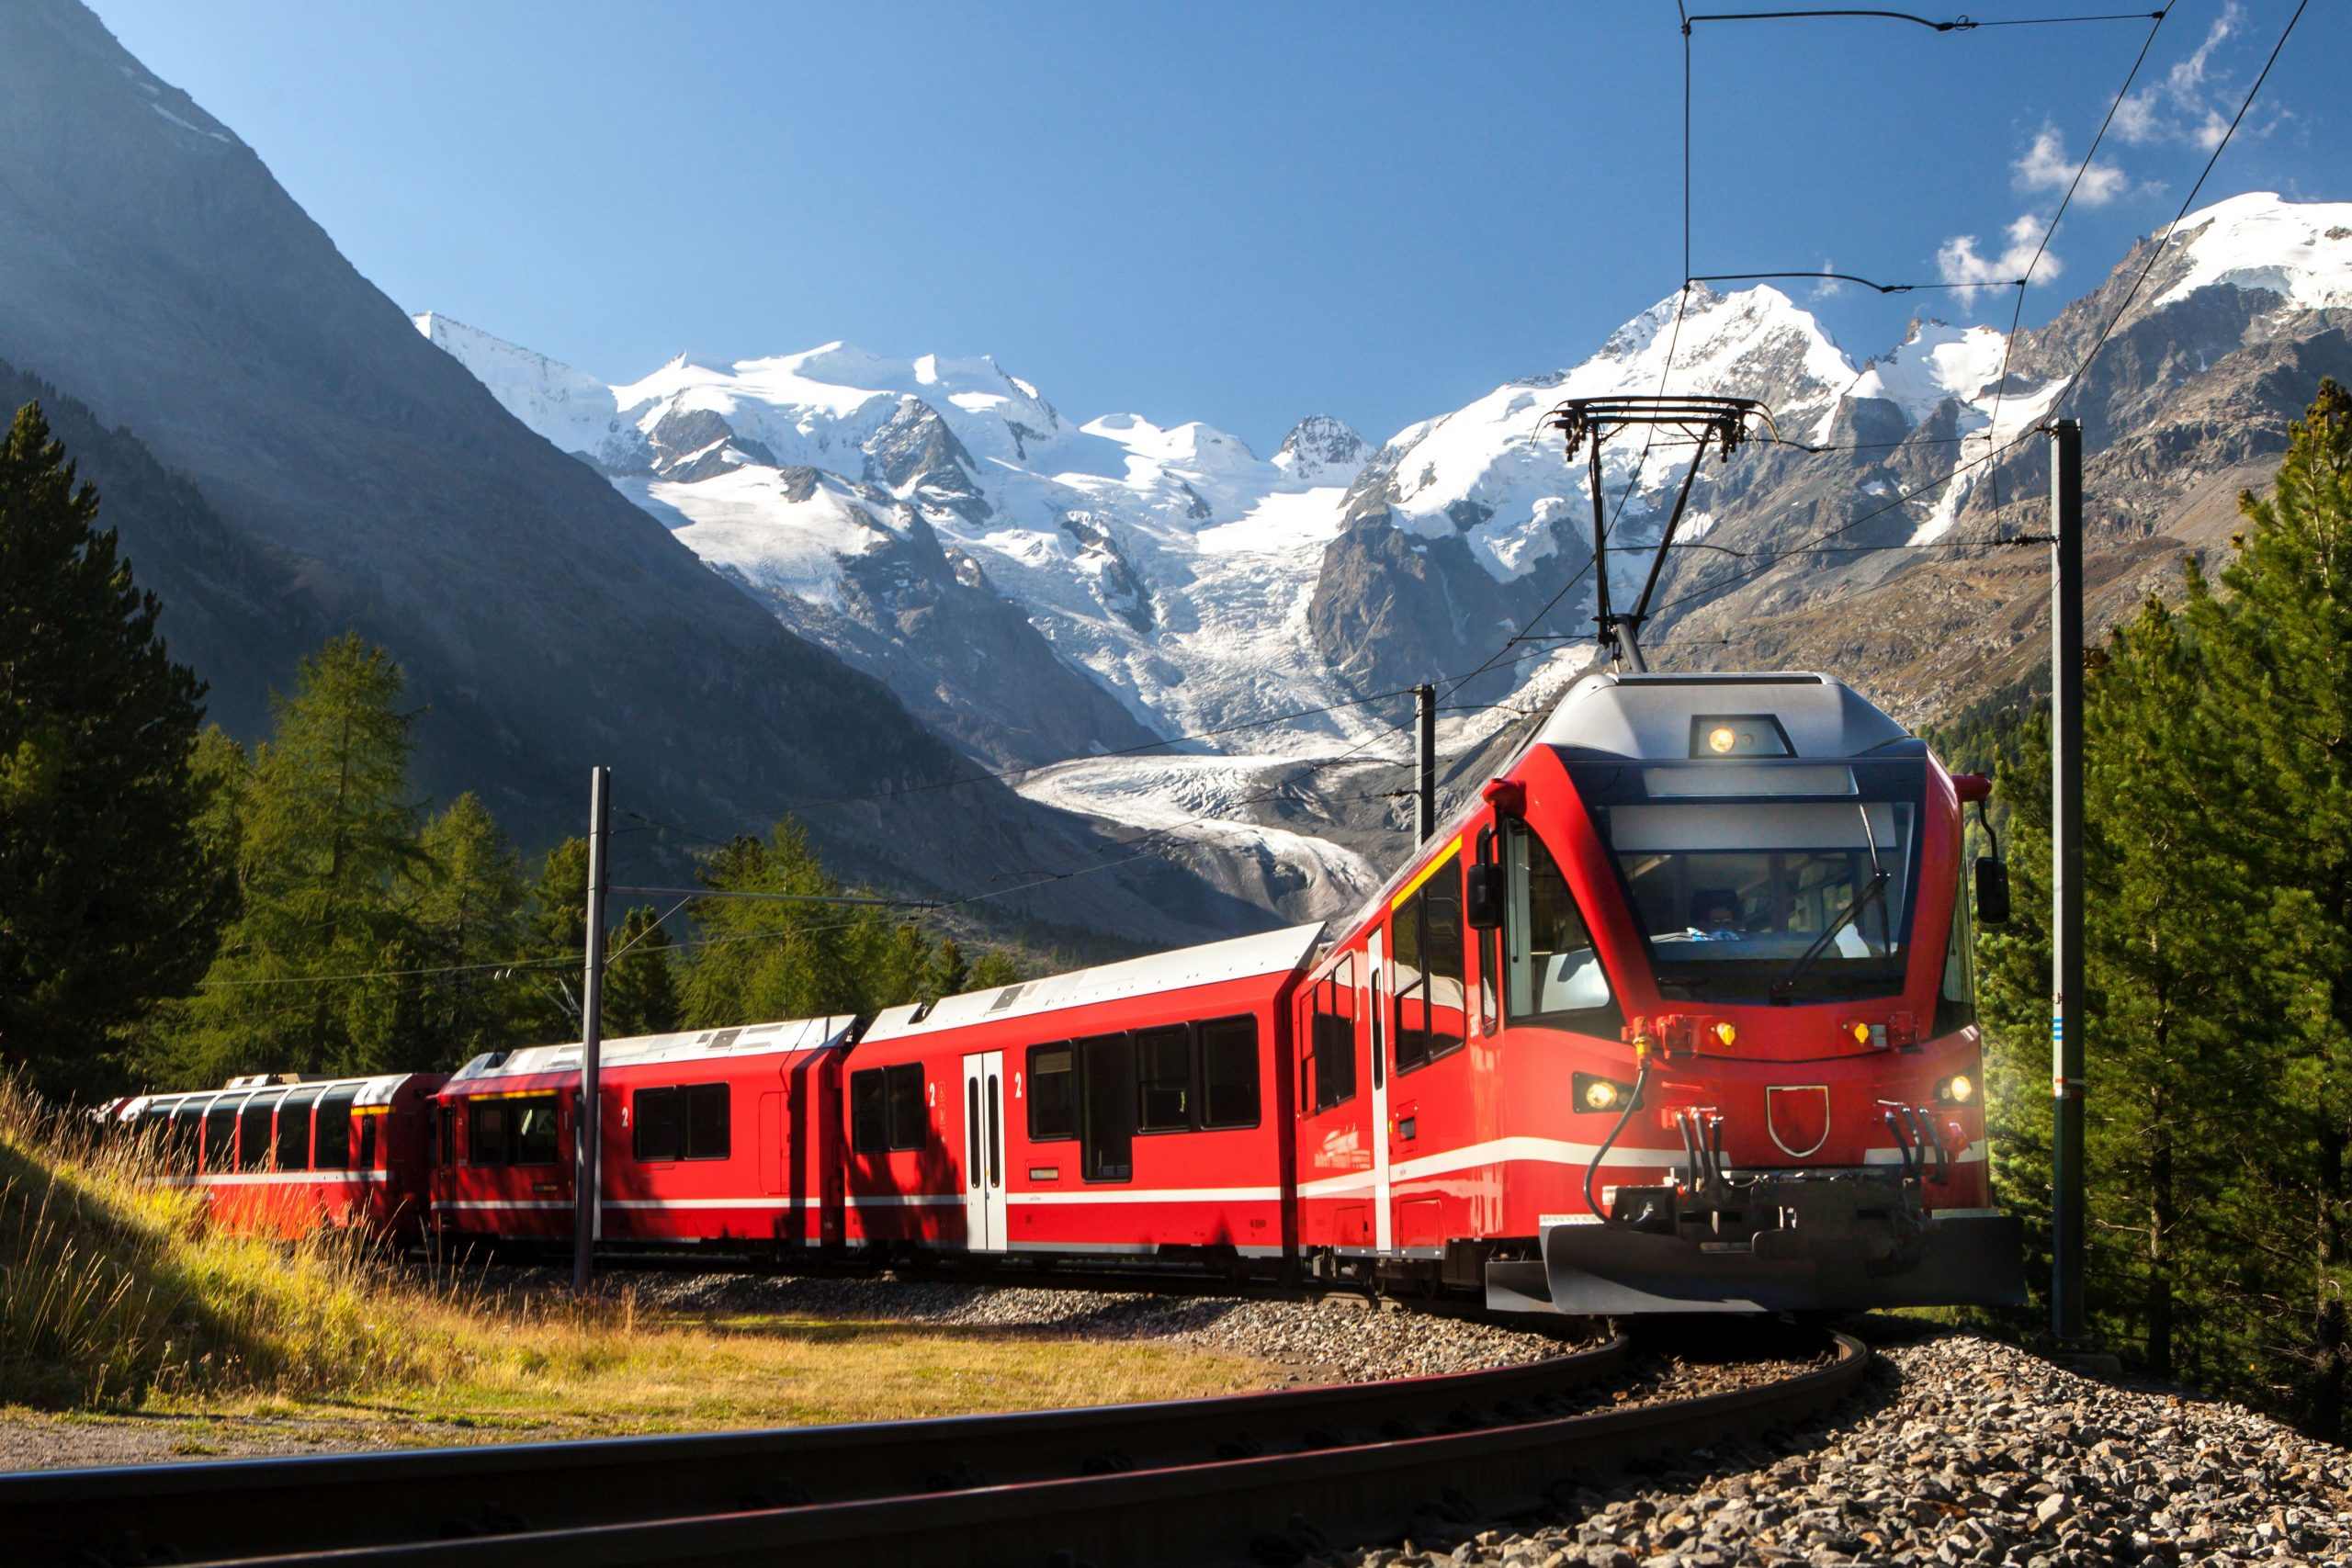 Z vlakom Bernina Express iz Švice v Italijo 3 dni